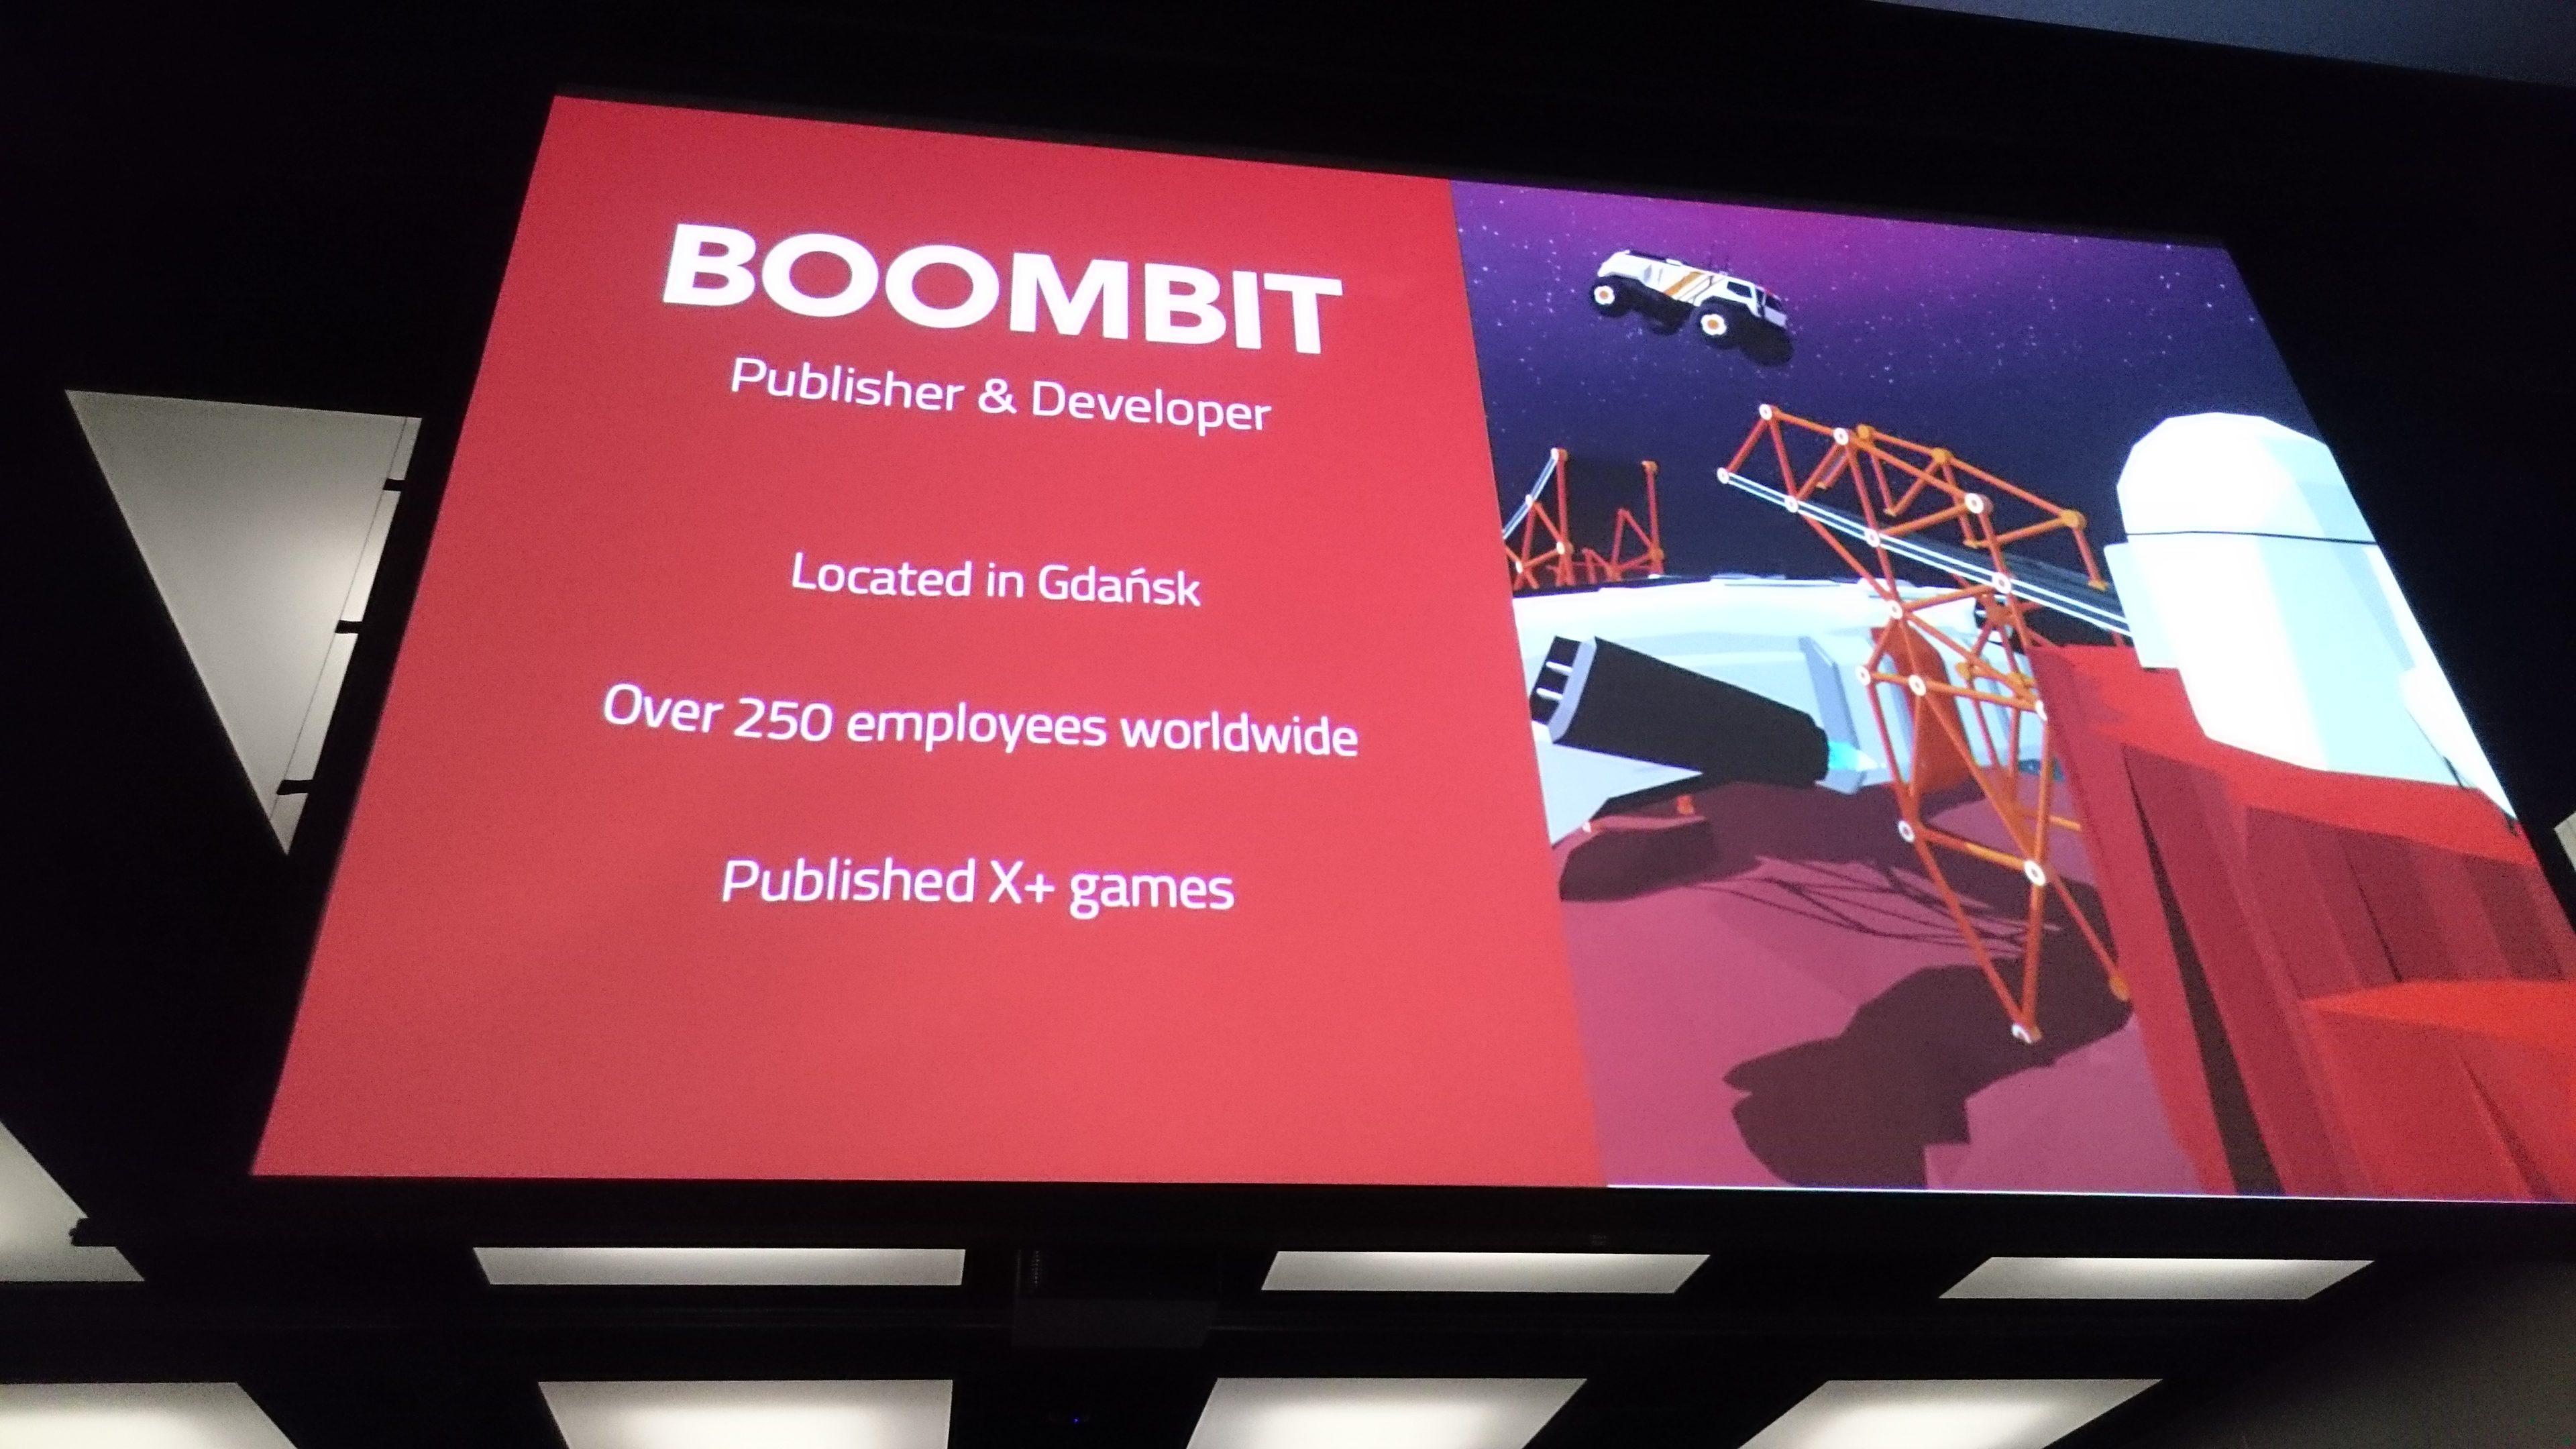 Prezentacja firmy Boombit